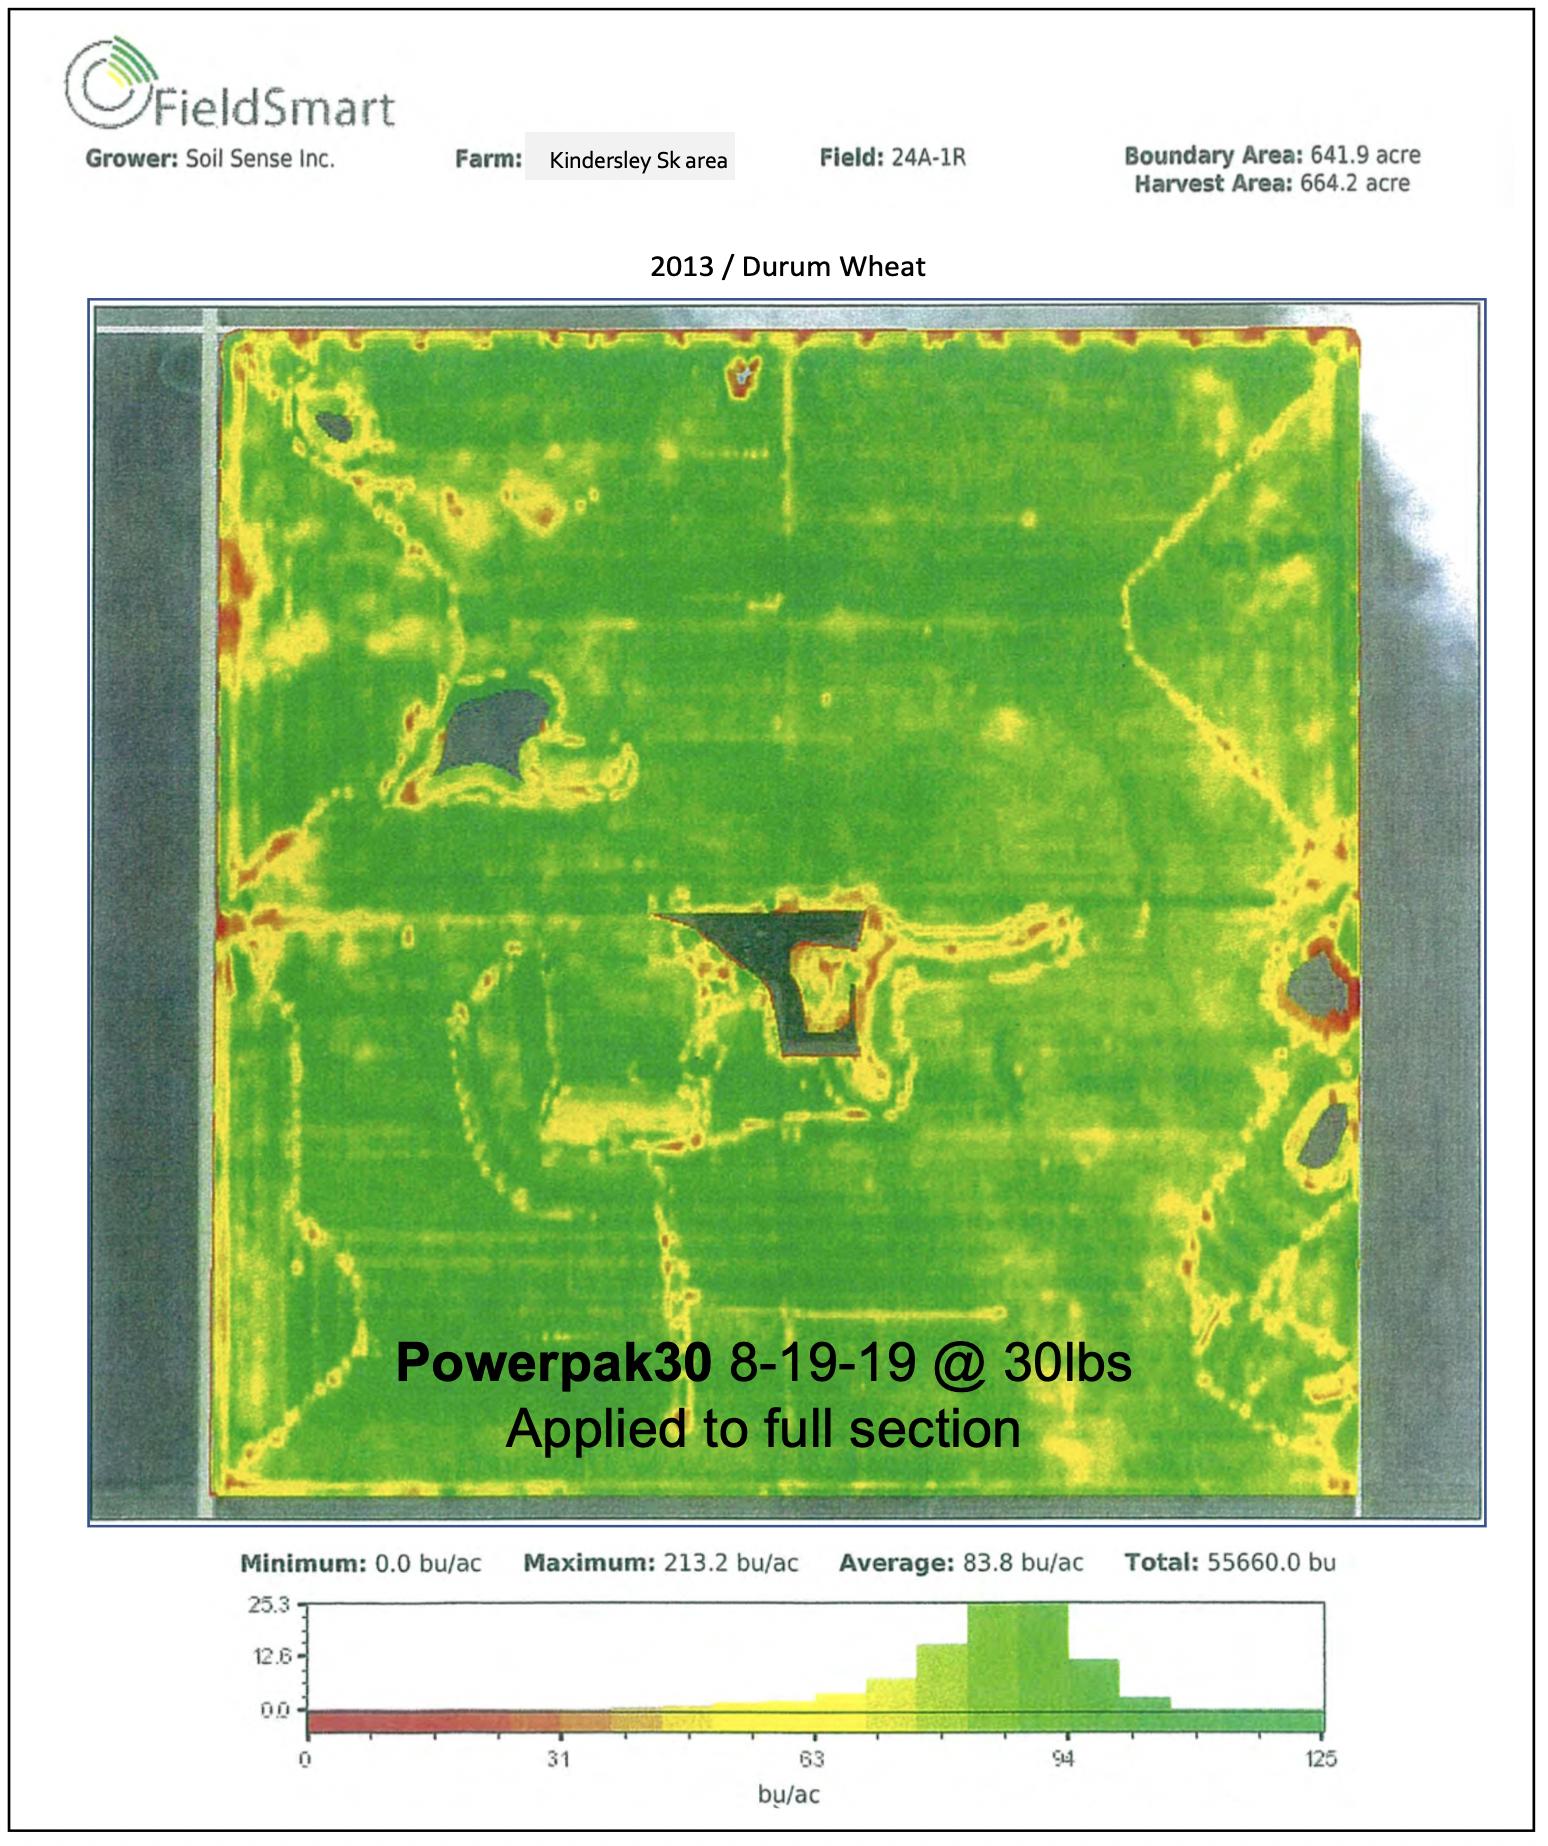 FieldSmart - PowerPak30 applied to full section. Durum wheat